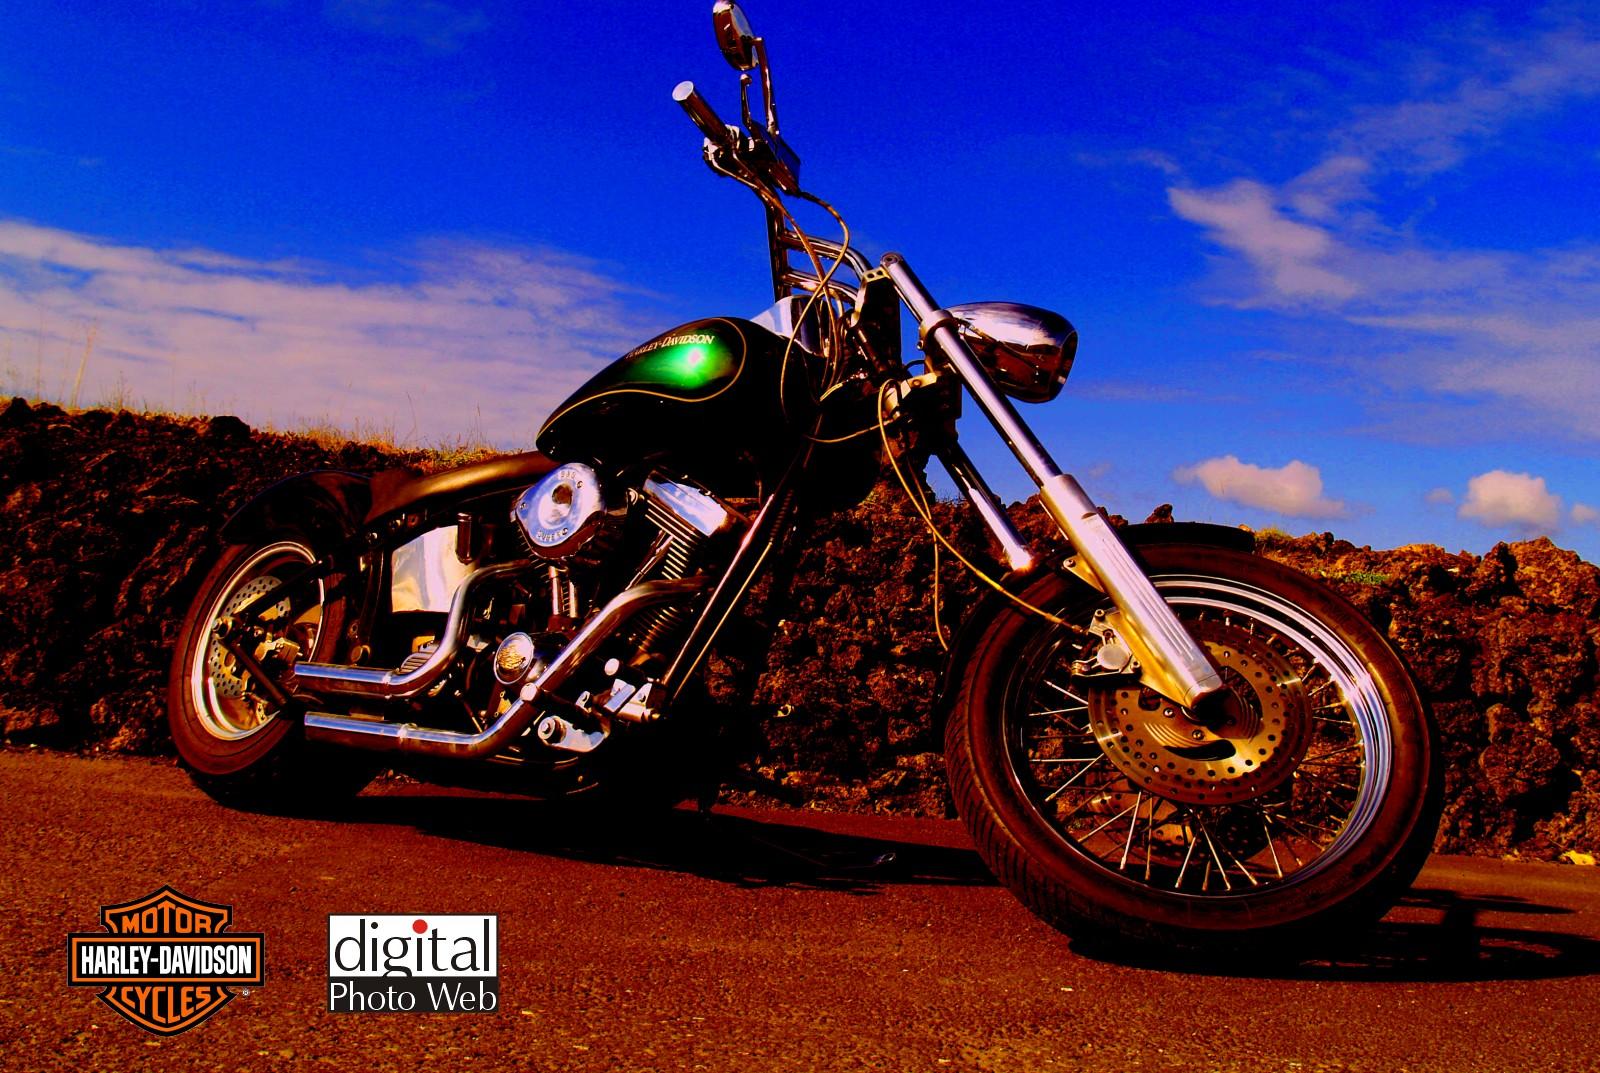 Anime Girl On Bike Wallpaper Harley Davidson Motorcycle Pixelstalk Net